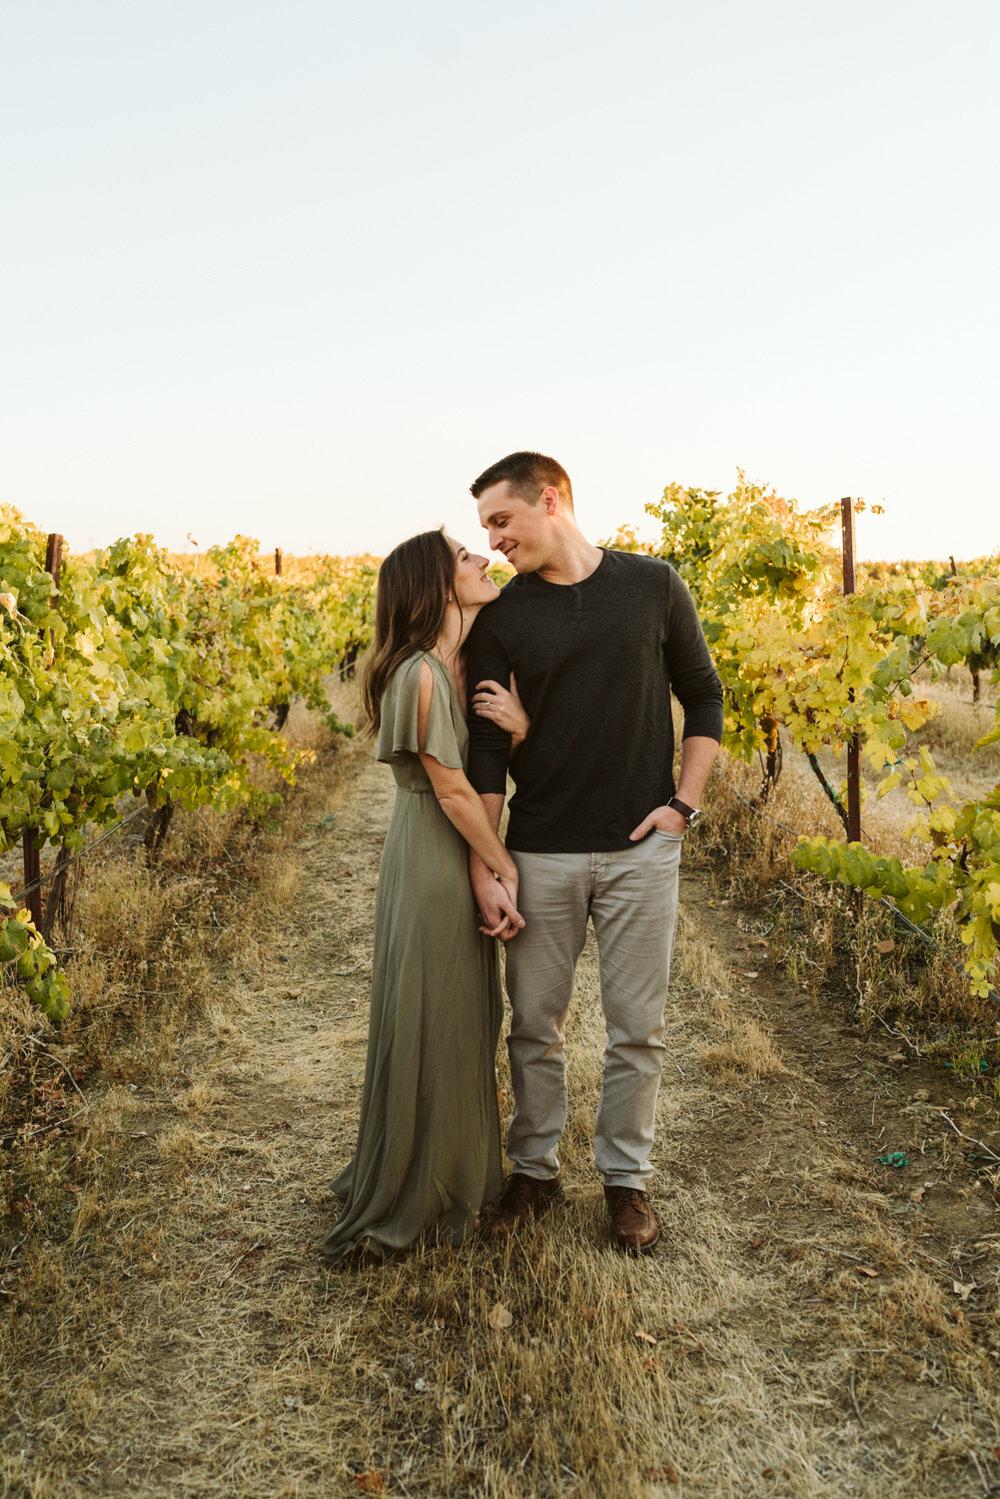 April Yentas Photography - Kristina & Ben blog-14.jpg